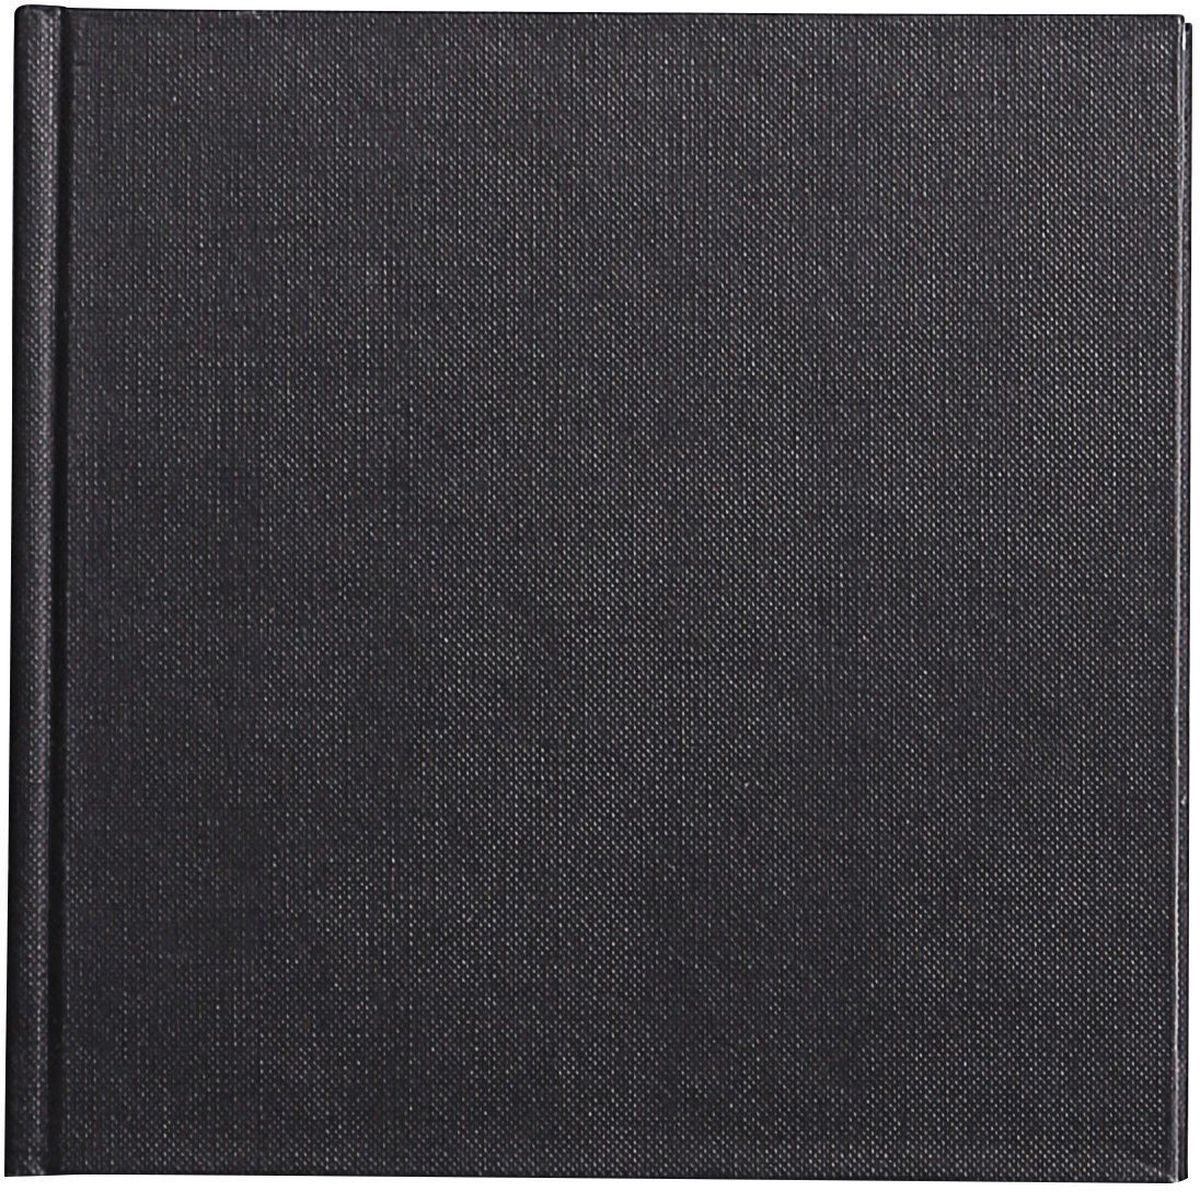 Блокнот Clairefontaine Goldline, 15 х 15 см, 64 листа34249СОригинальный блокнот Clairefontaine идеально подойдет для памятных записей, любимых стихов, рисунков и многого другого. Плотная обложка предохраняет листы от порчи и замятия. Такой блокнот станет забавным и практичным подарком - он не затеряется среди бумаг, и долгое время будет вызывать улыбку окружающих.